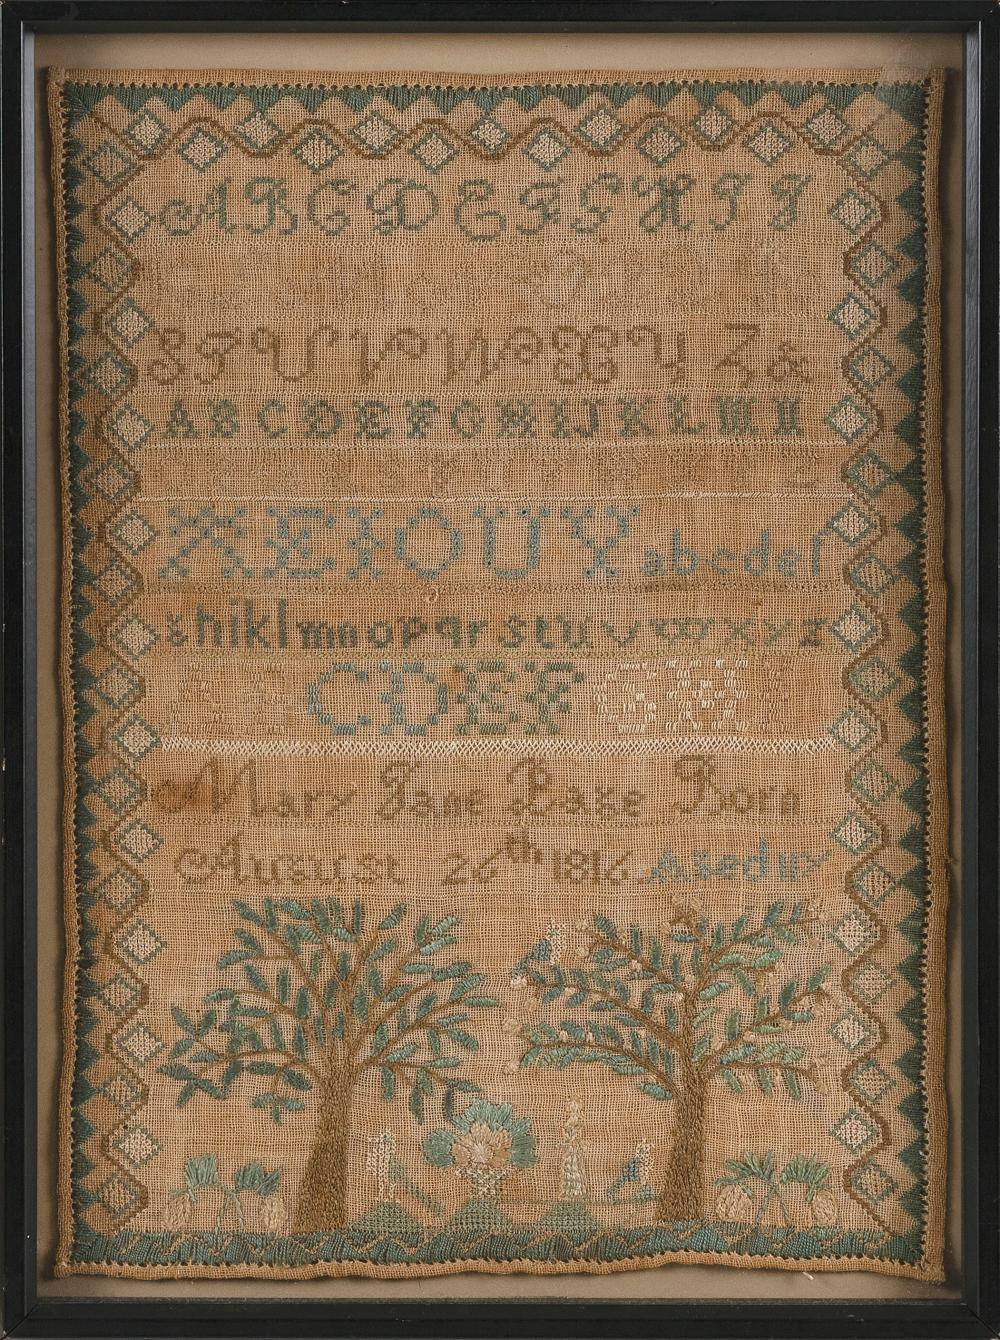 """NEW ENGLAND NEEDLEWORK SAMPLER Dated 1816 16"""" x 11.5"""". Framed 18.25"""" x 13.25""""."""